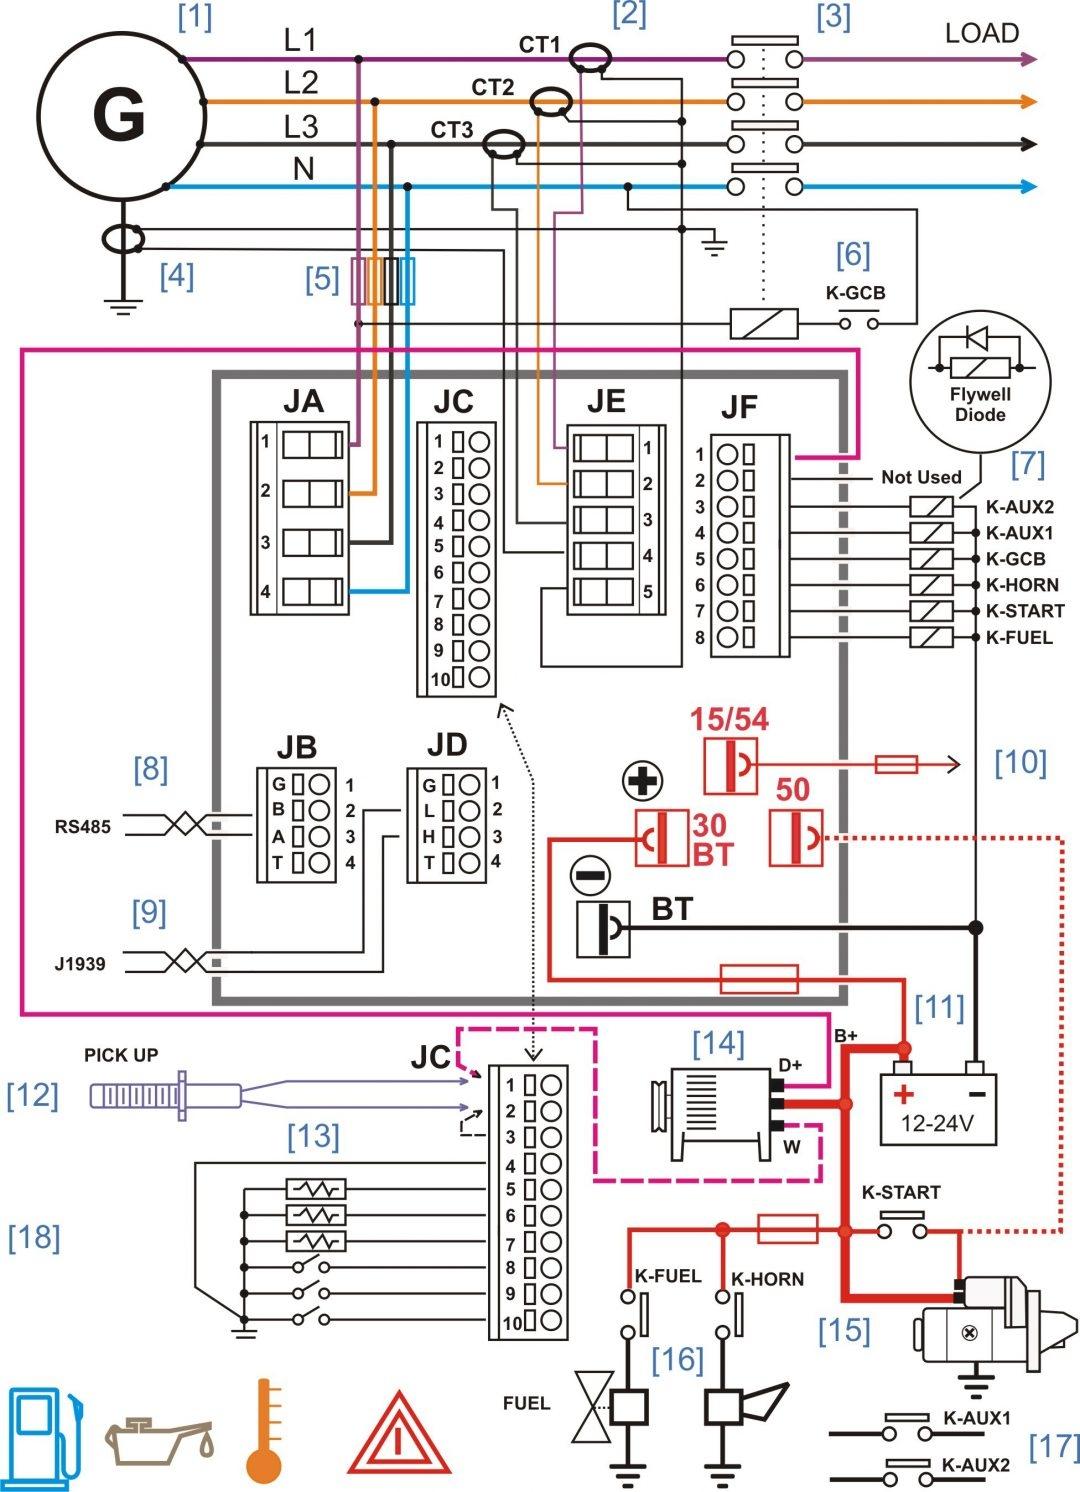 pioneer deh p6500 wiring diagram pioneer deh 2700 wiring diagram pioneer avh x2700bs wiring diagram | free wiring diagram #12